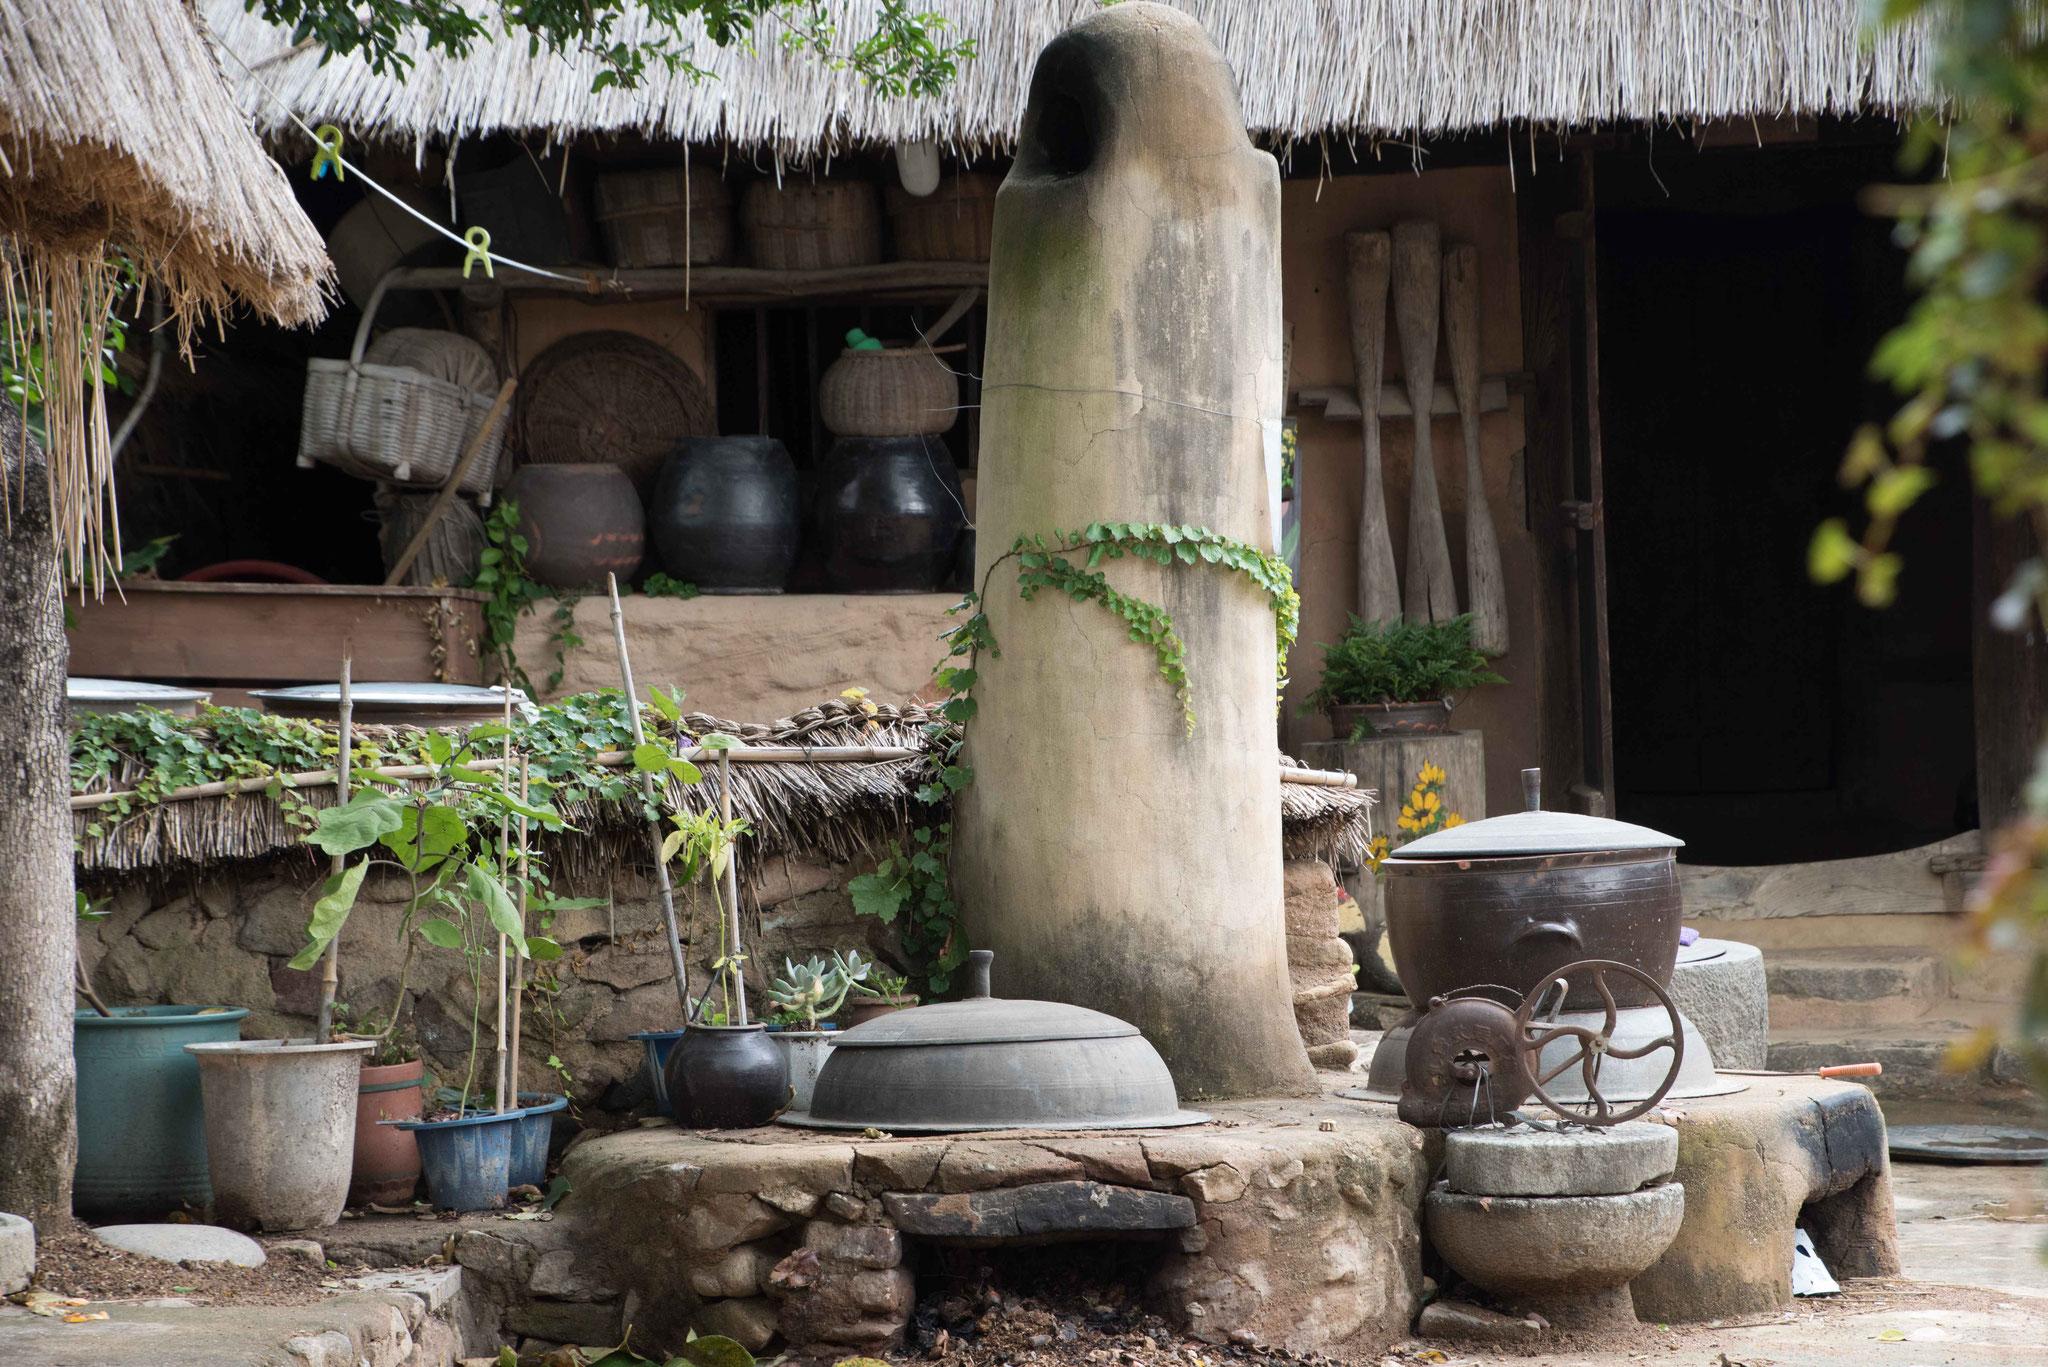 Kochstelle, im Hintergrund Bevorratung von eingemachten Gemüse